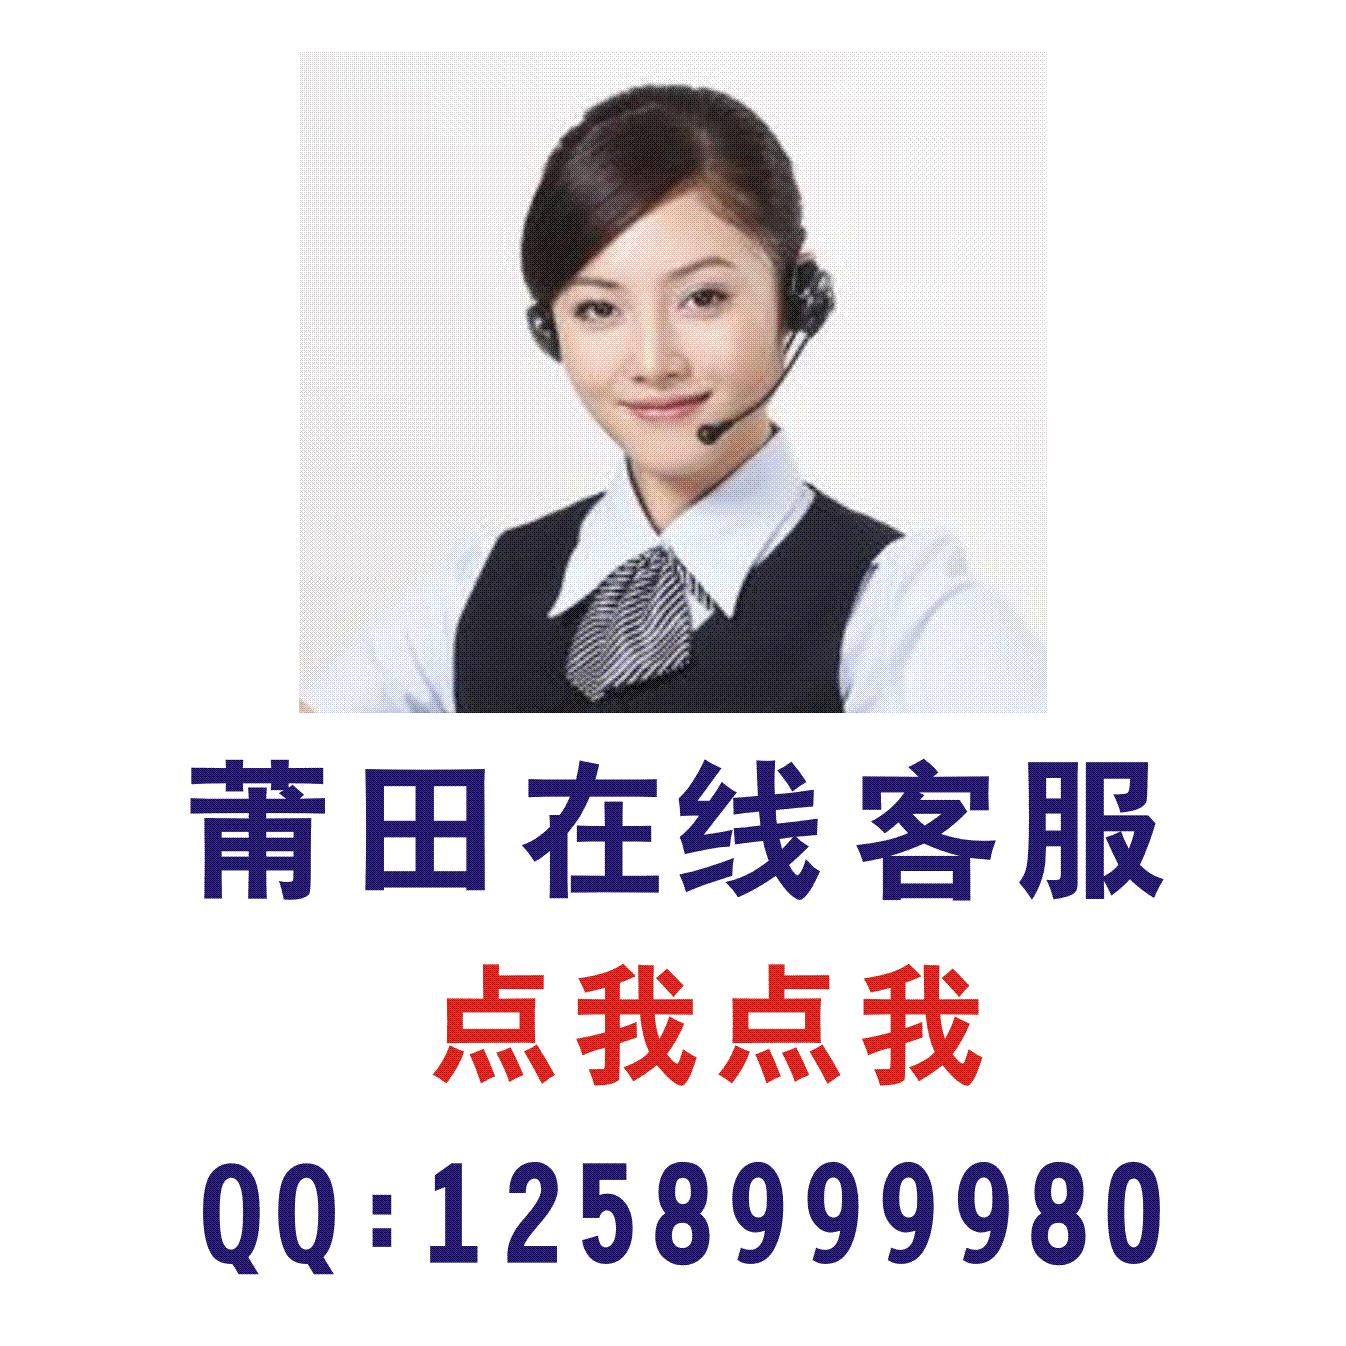 莆田客服QQ